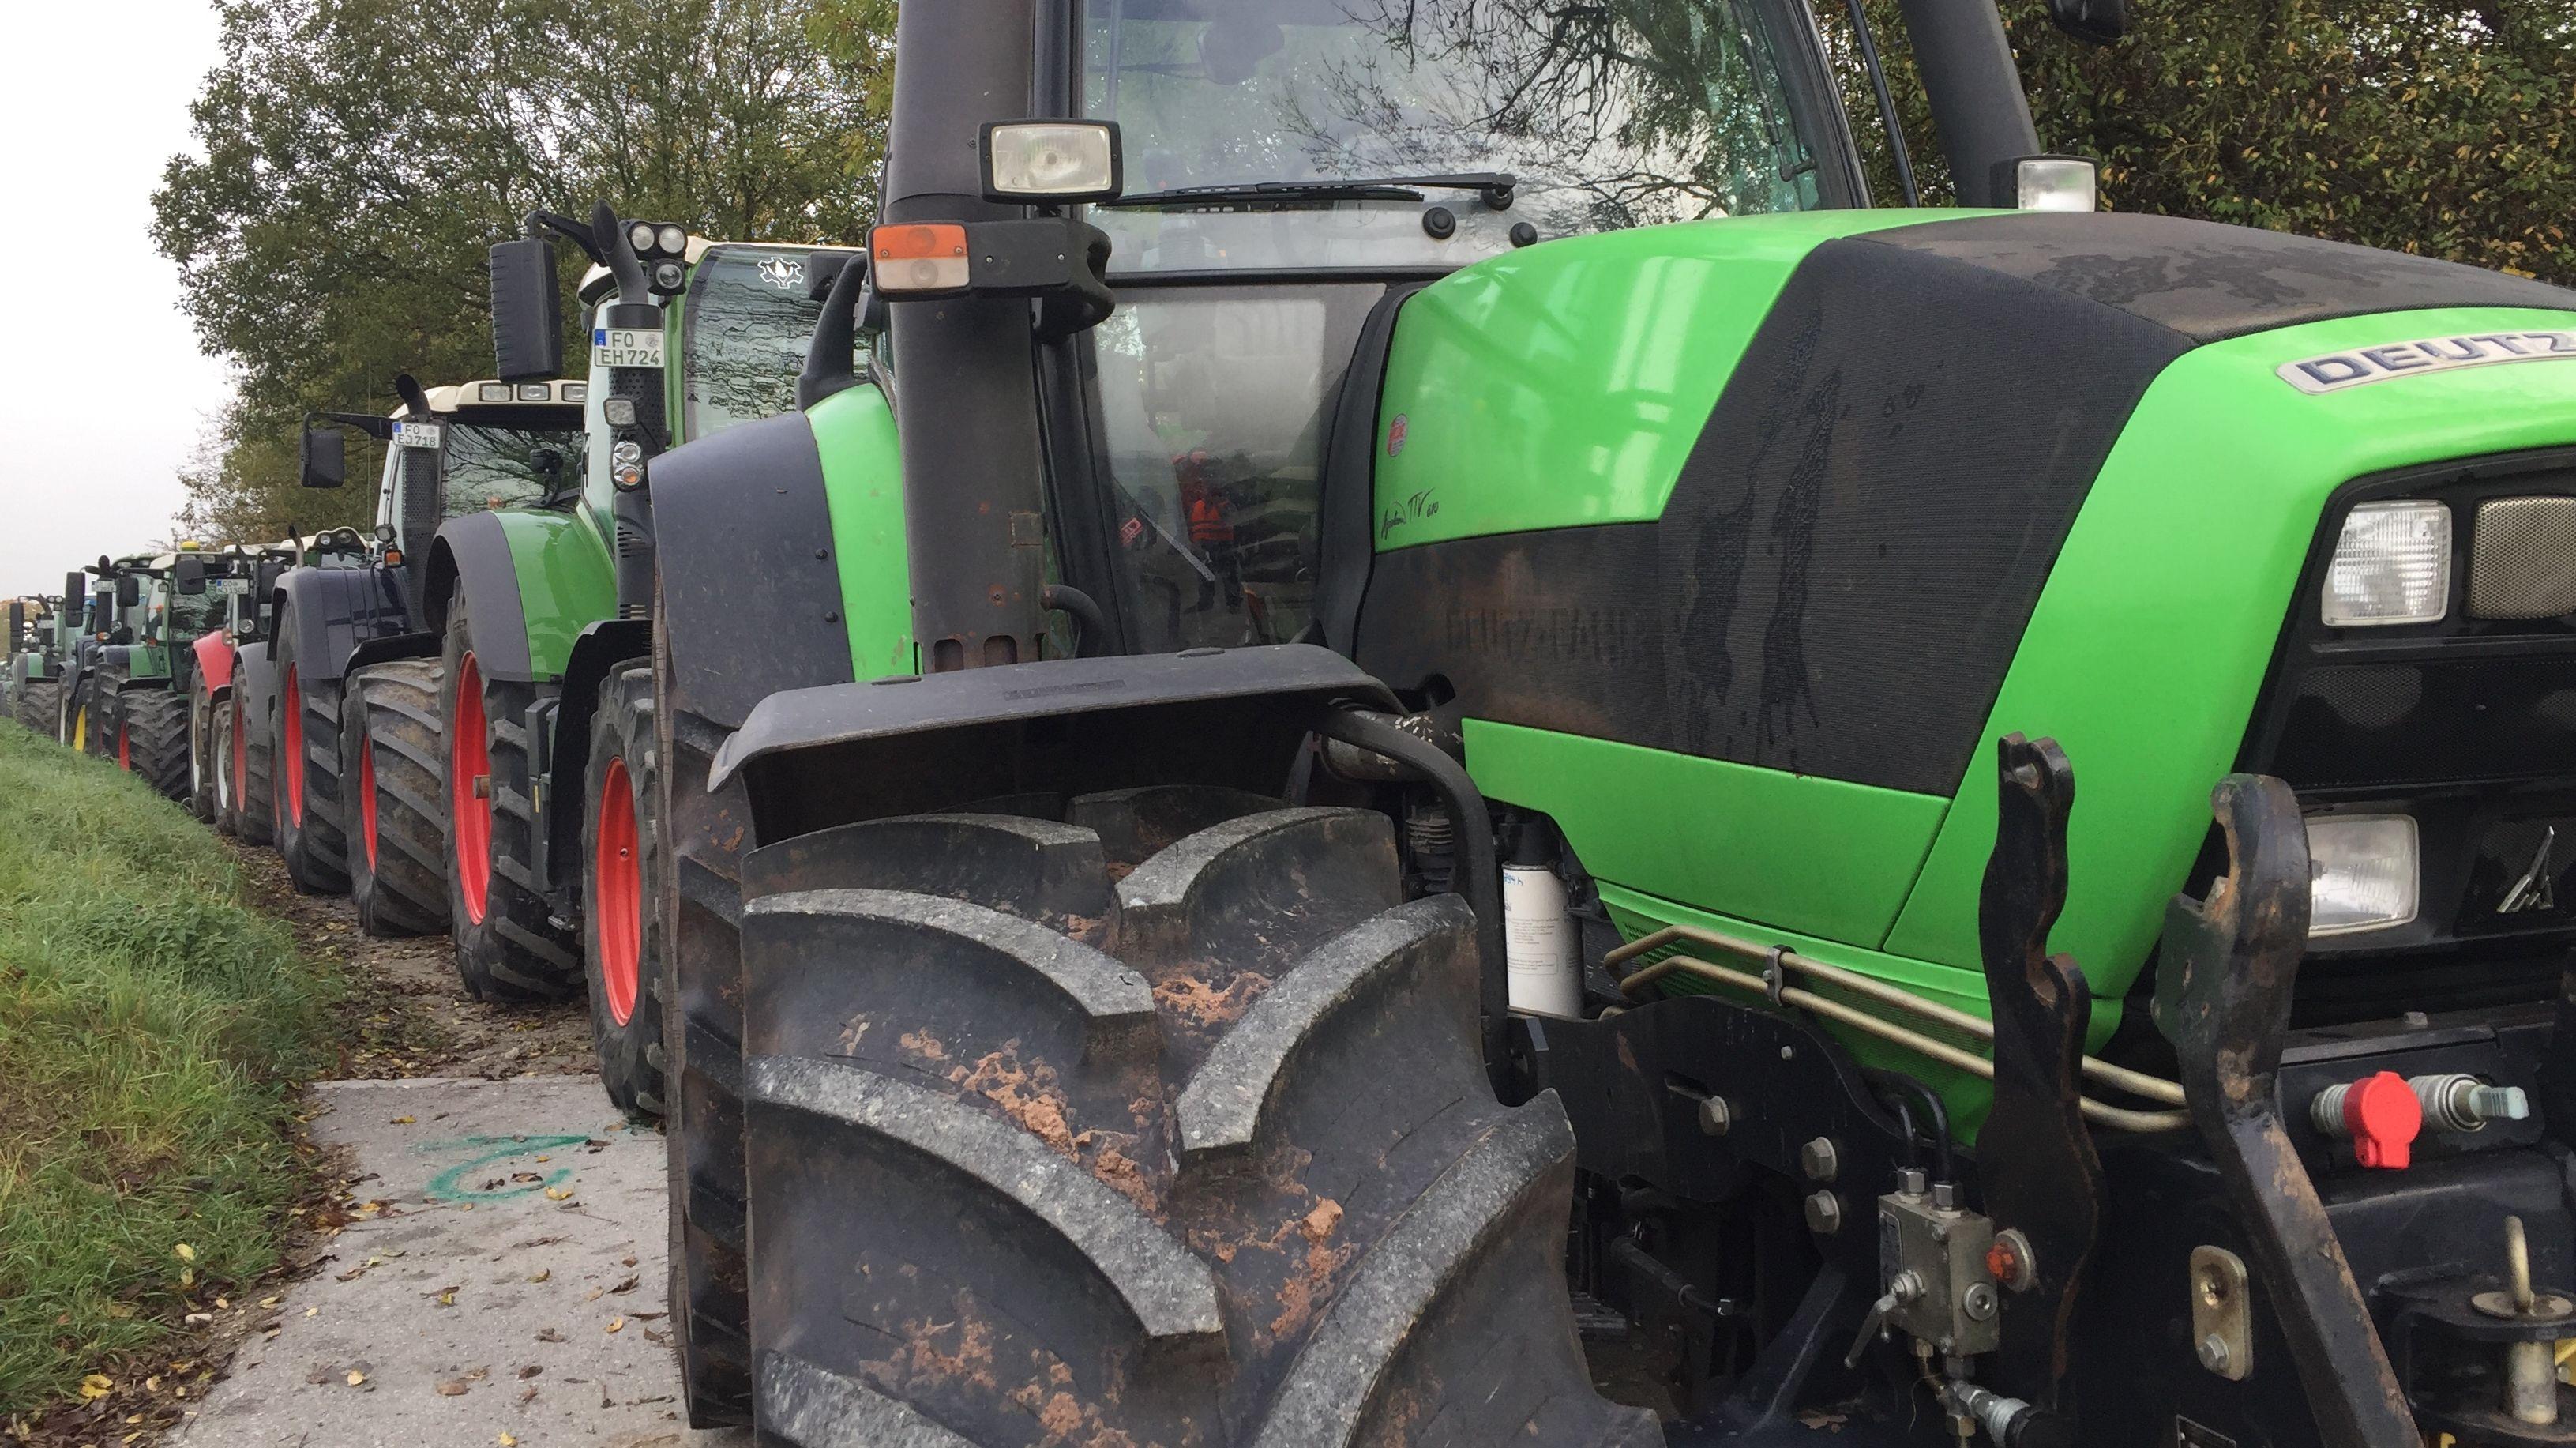 Viele Traktoren stehen in Reih und Glied auf einem Feldweg.